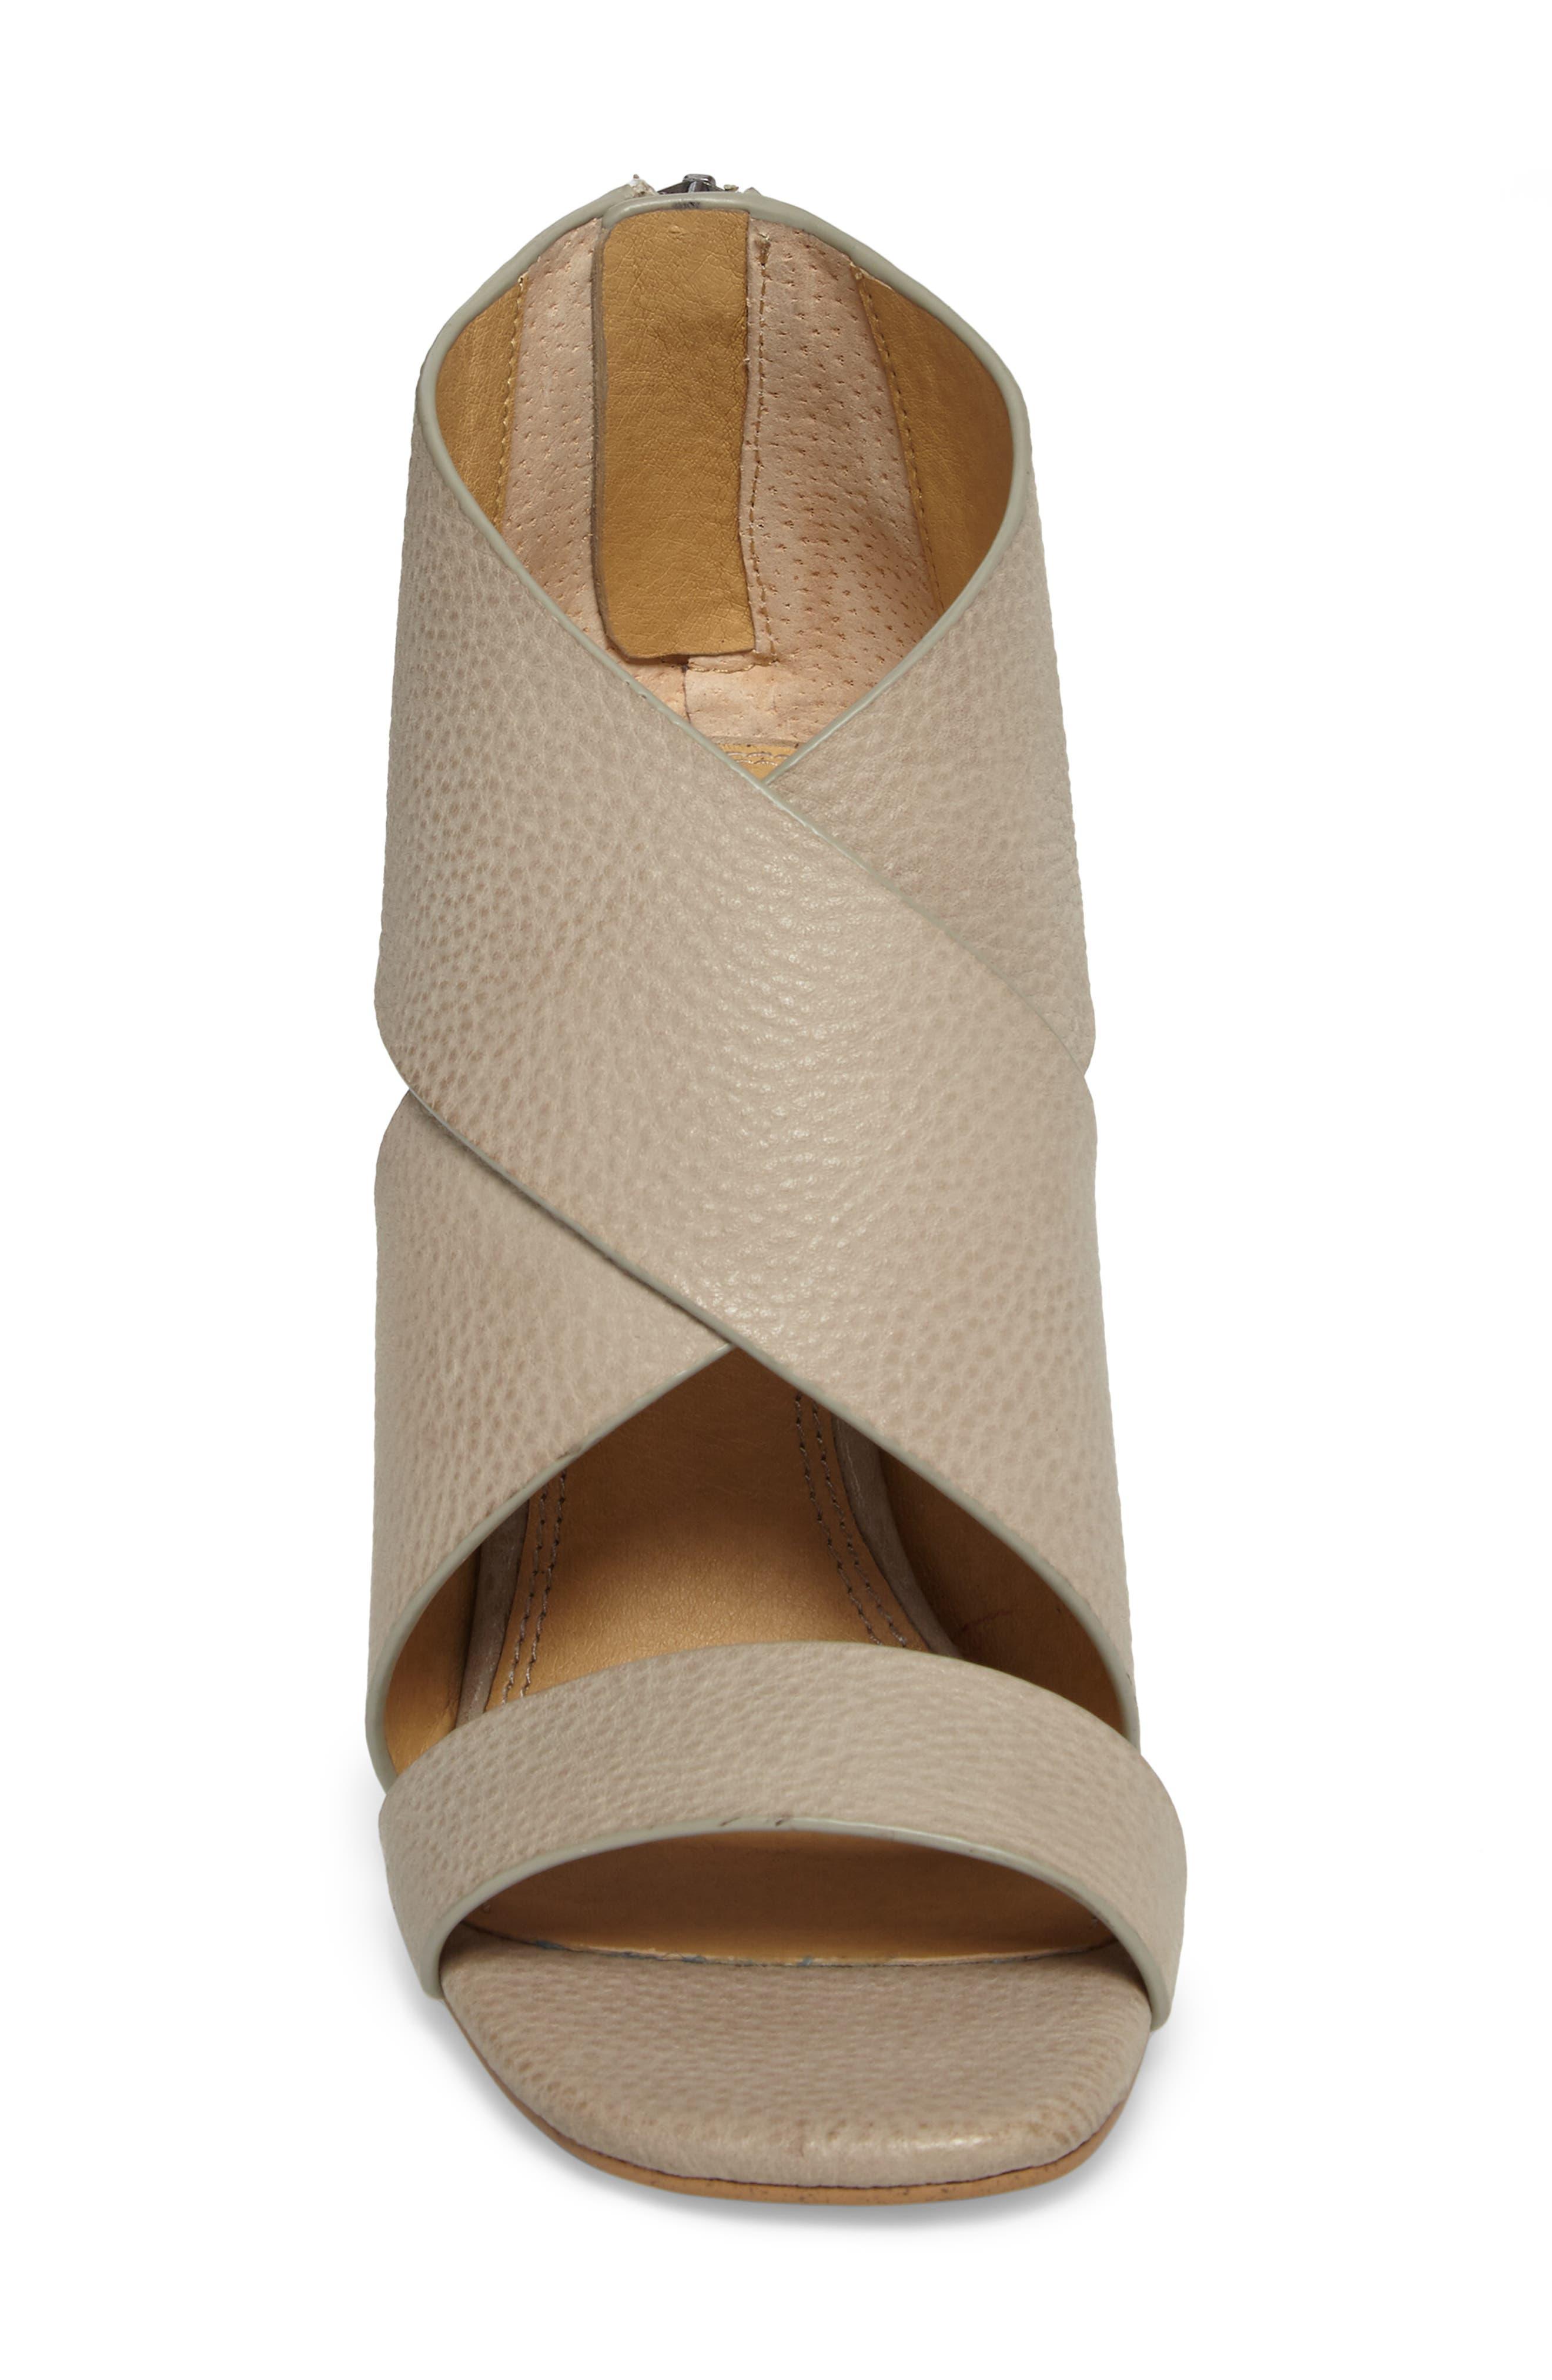 Danett Cross Strap Sandal,                             Alternate thumbnail 11, color,